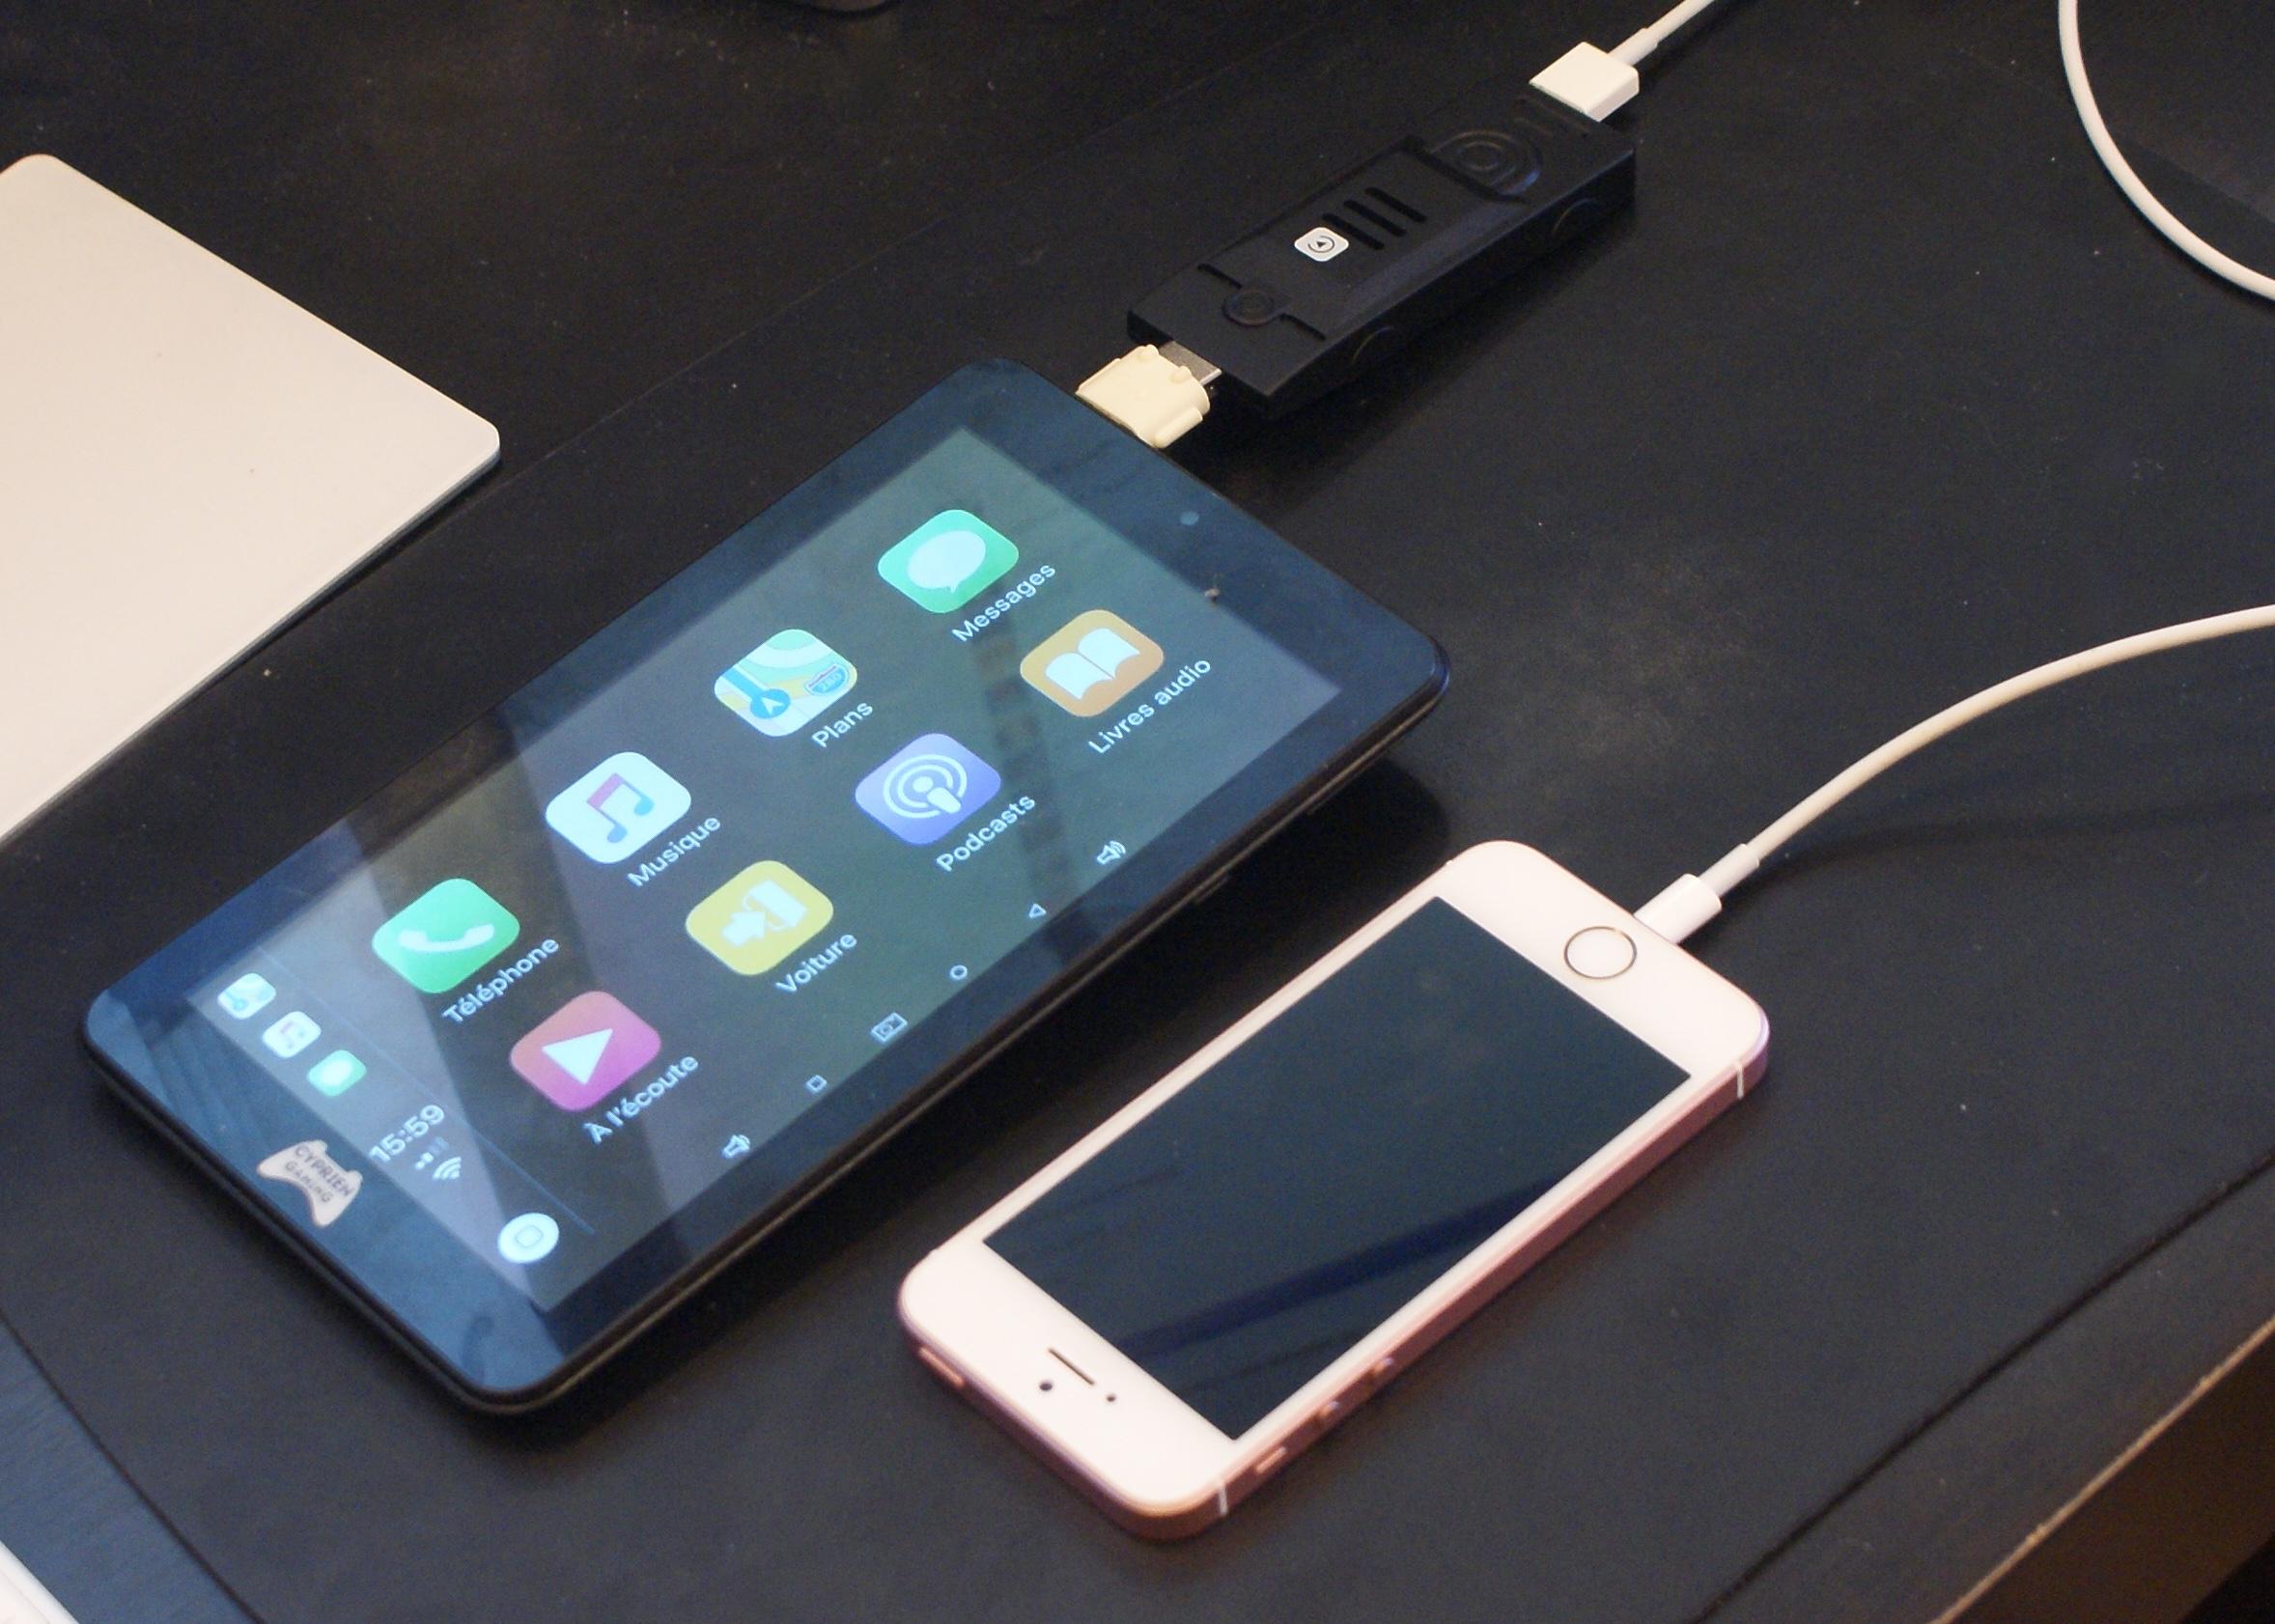 Un dongle pour transformer une tablette Android en récepteur CarPlay